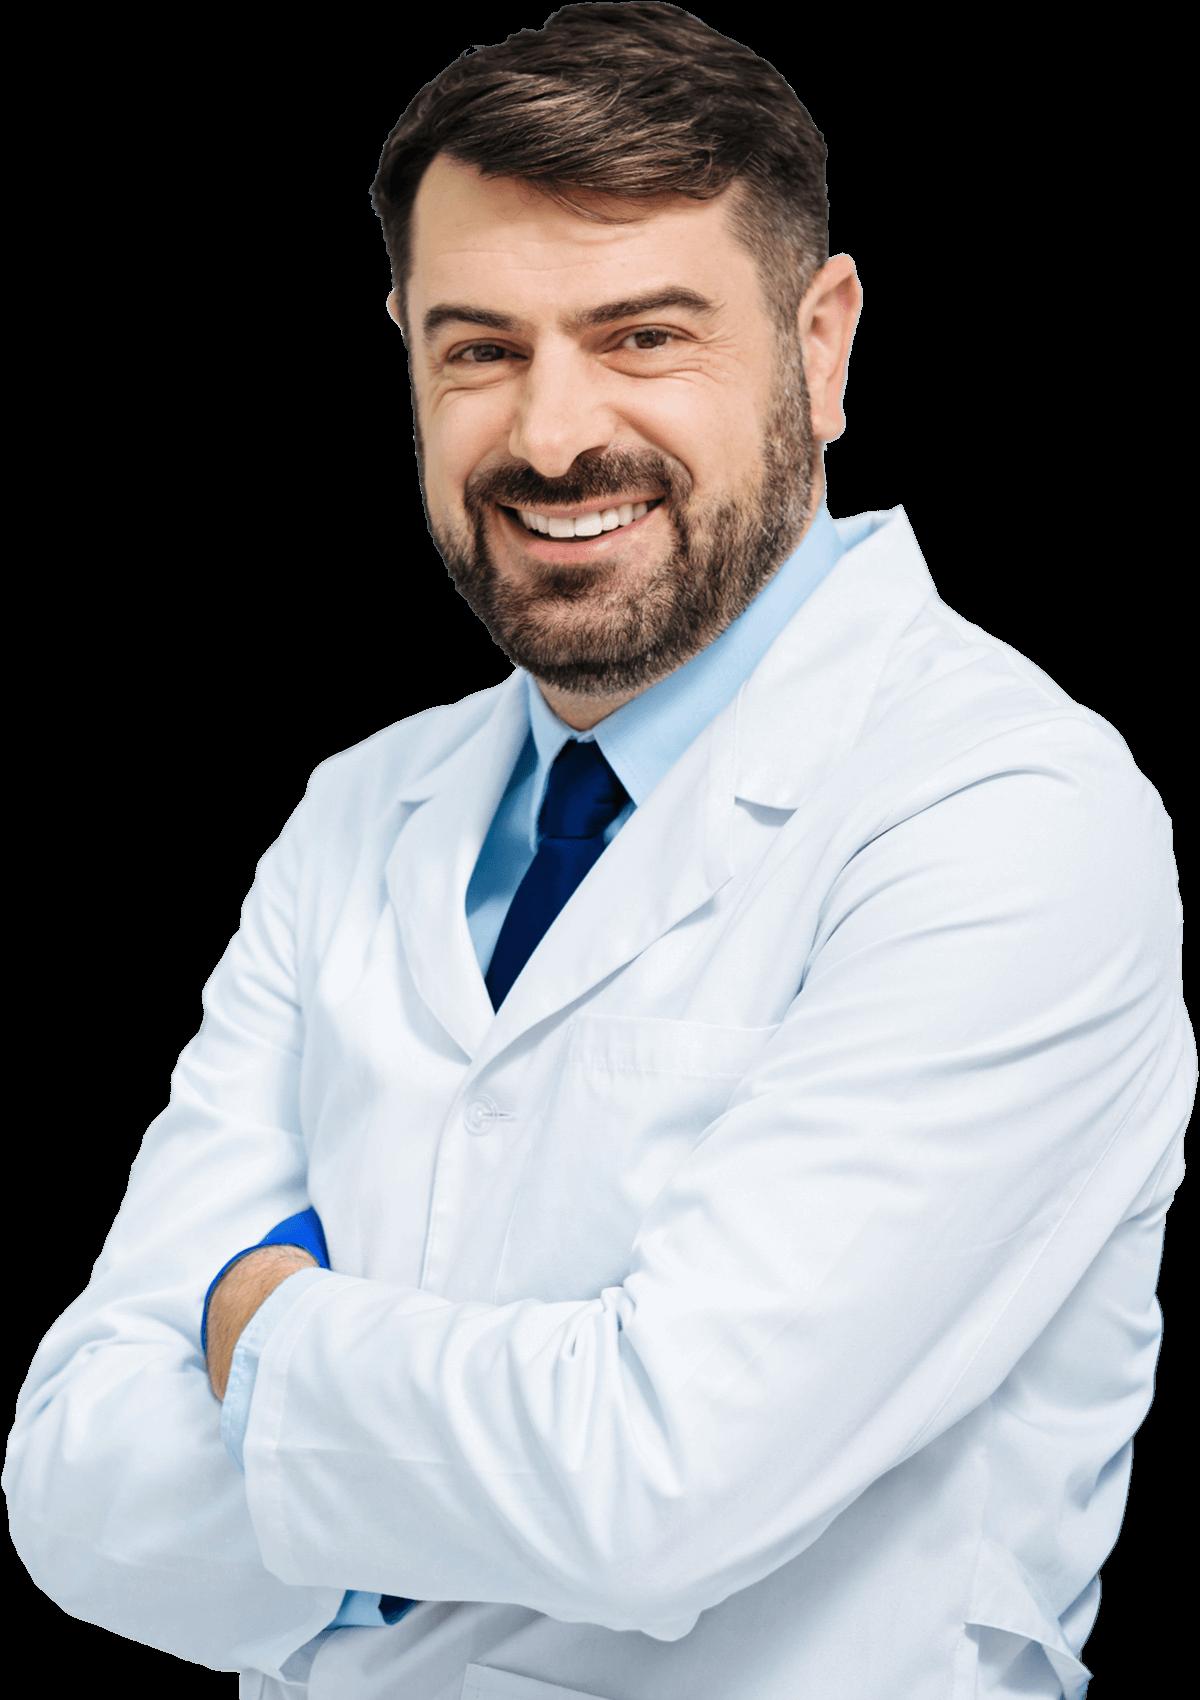 https://tandartskralingen.nl/wp-content/uploads/2020/02/doctor-2.png